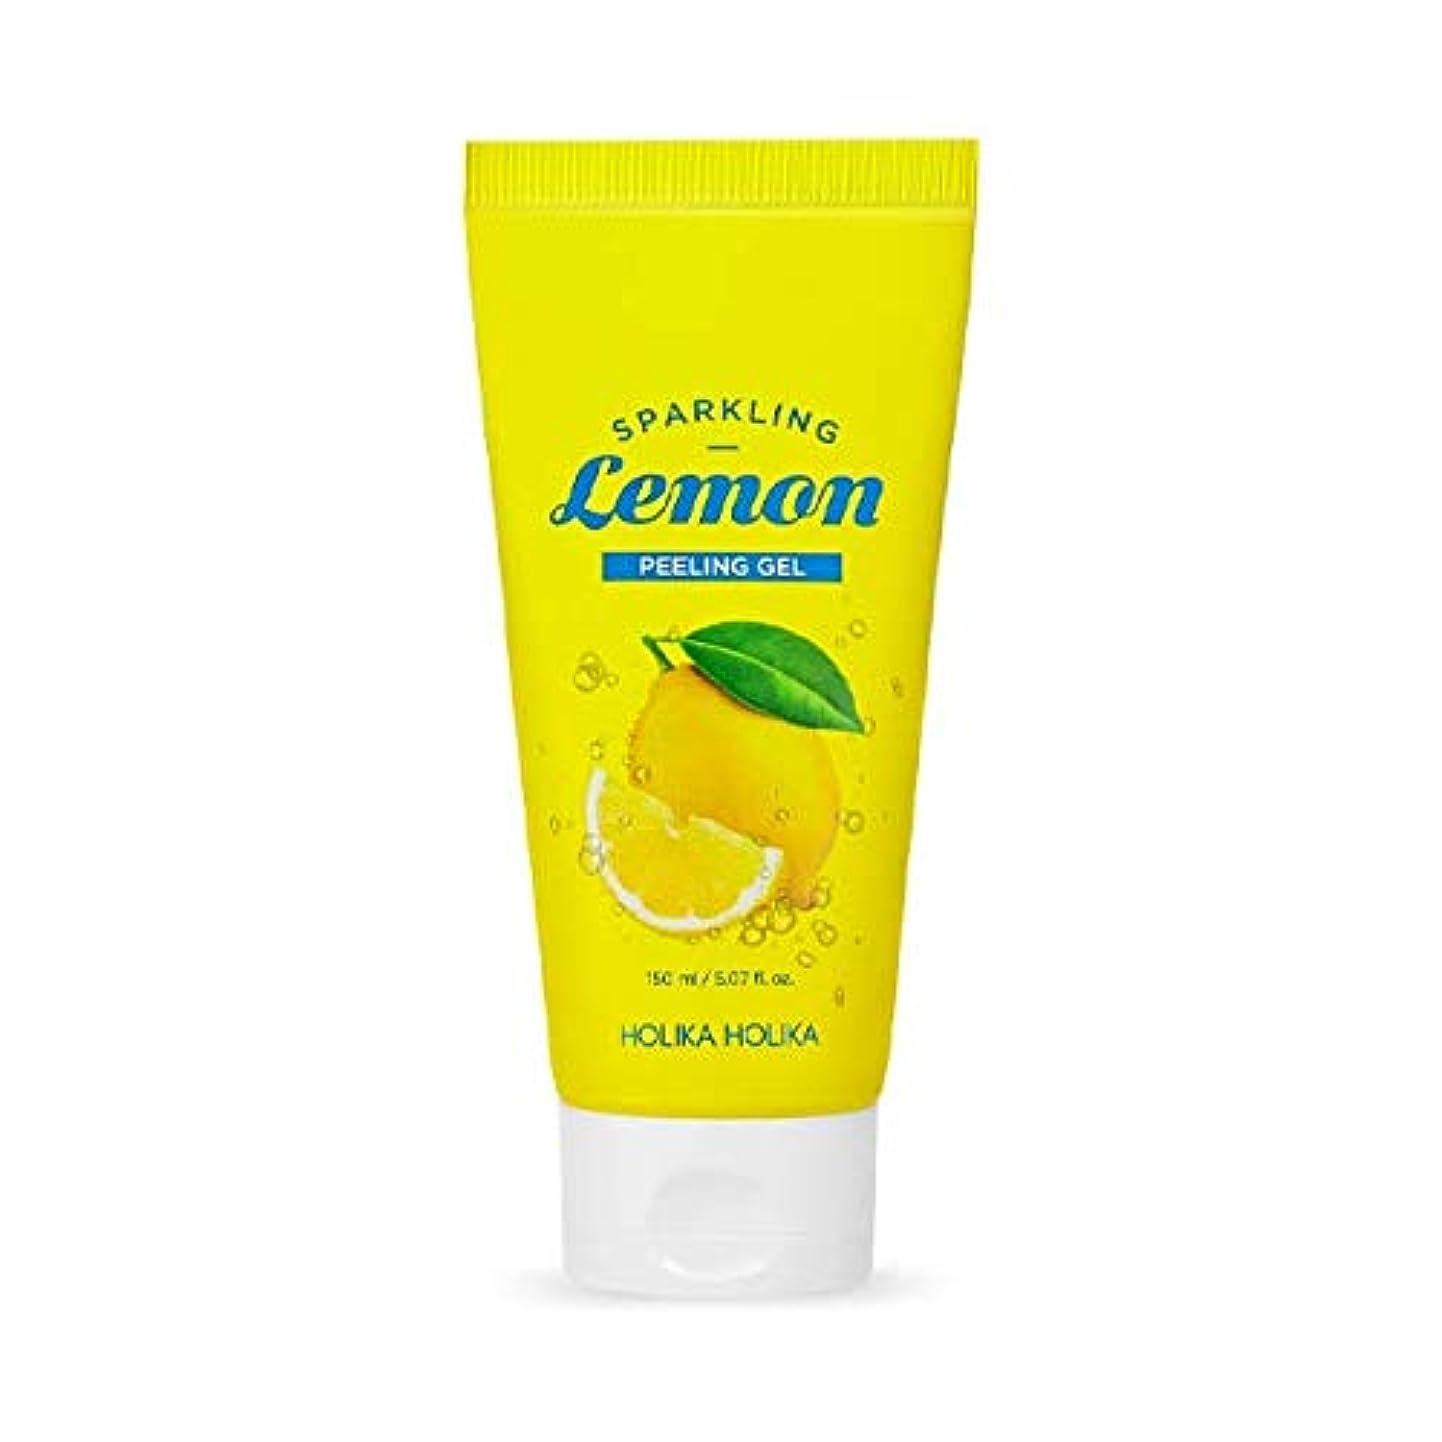 推進力ふつう破裂ホリカホリカ 炭酸レモンピーリングジェル/HOLIKA Sparkling Lemon Peeling Gel 150ml 韓国コスメ [並行輸入品]